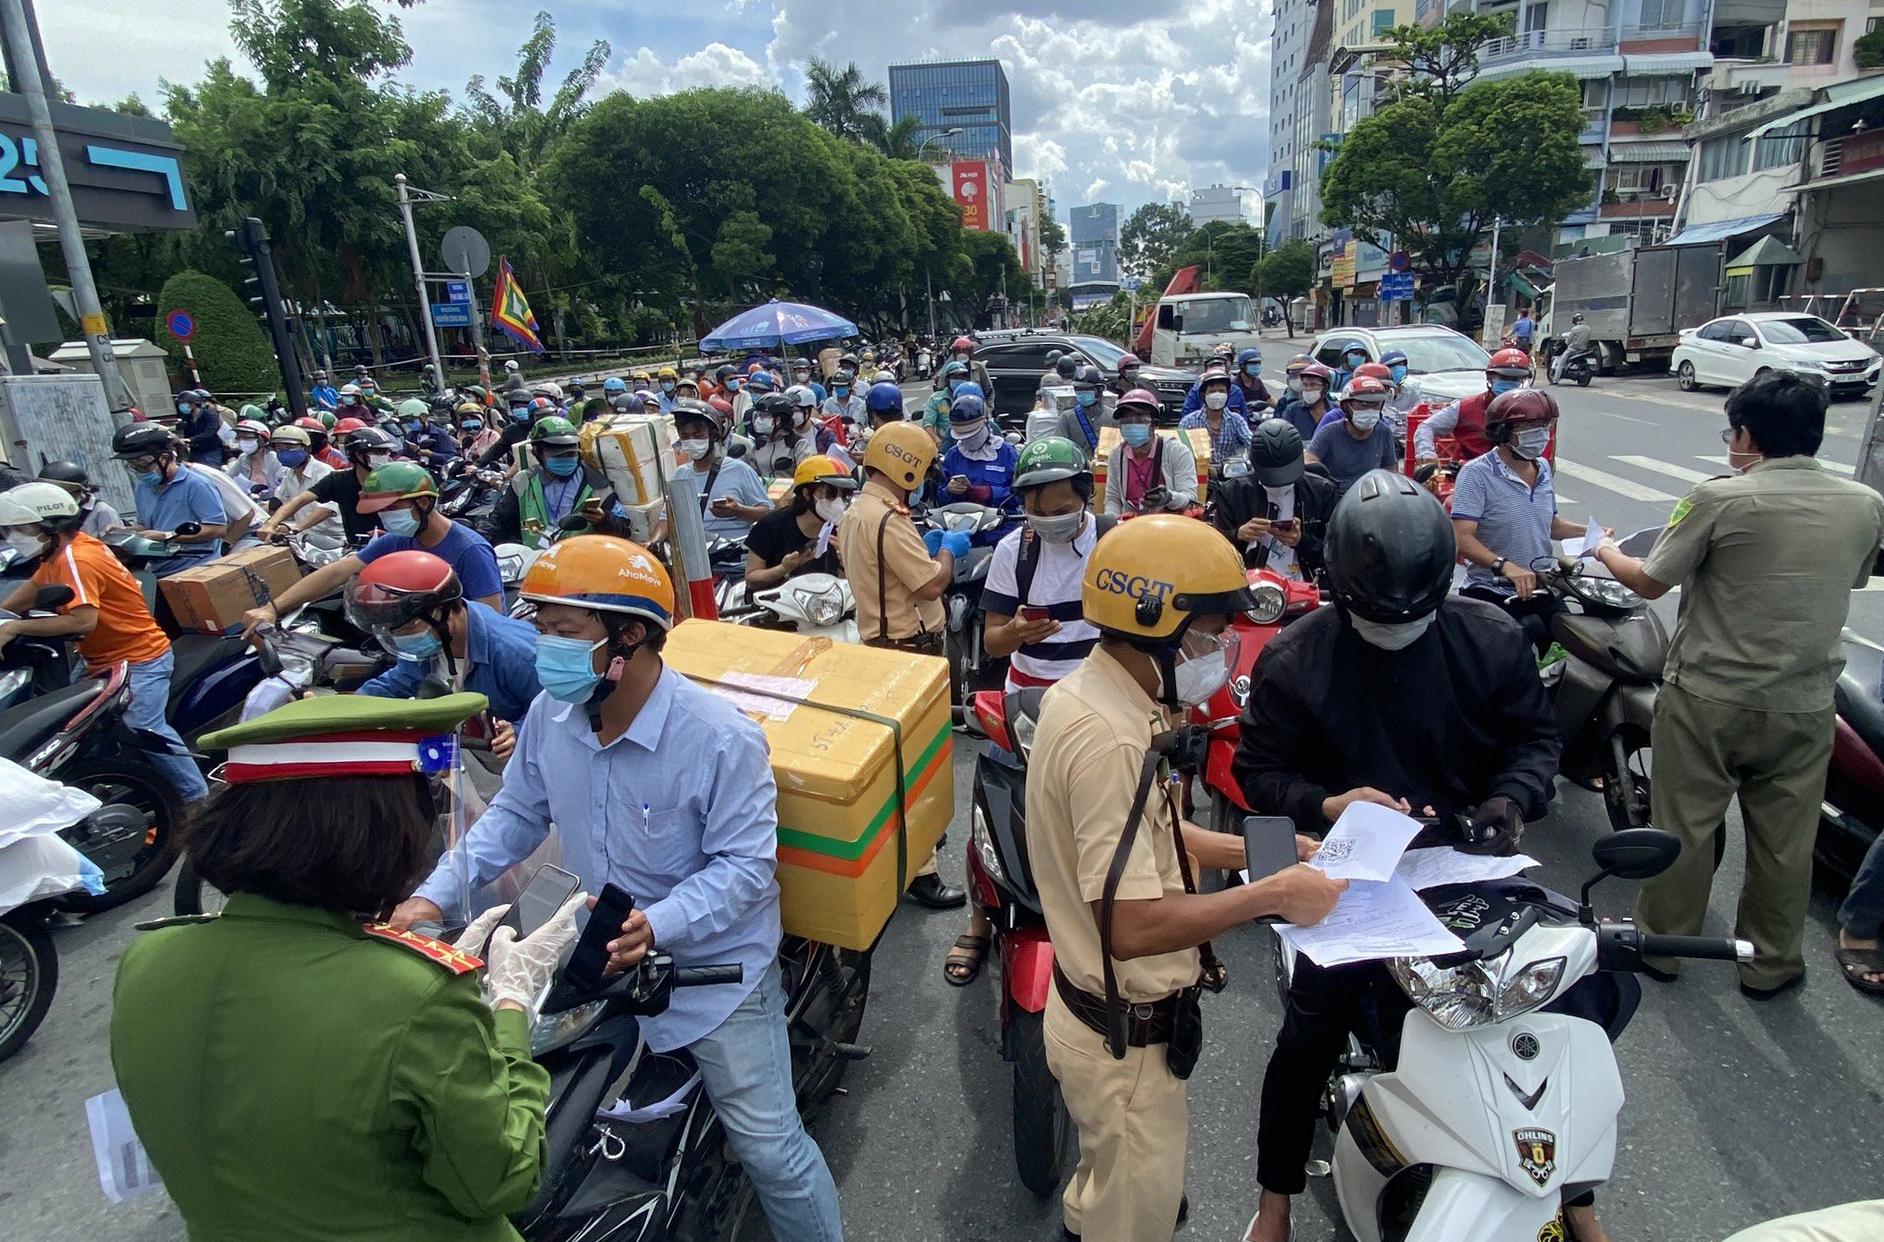 Ùn ứ tại chốt đường Phan Đăng Lưu, quận Bình Thạnh, chiều 14/8. Ảnh: Hạ Giang